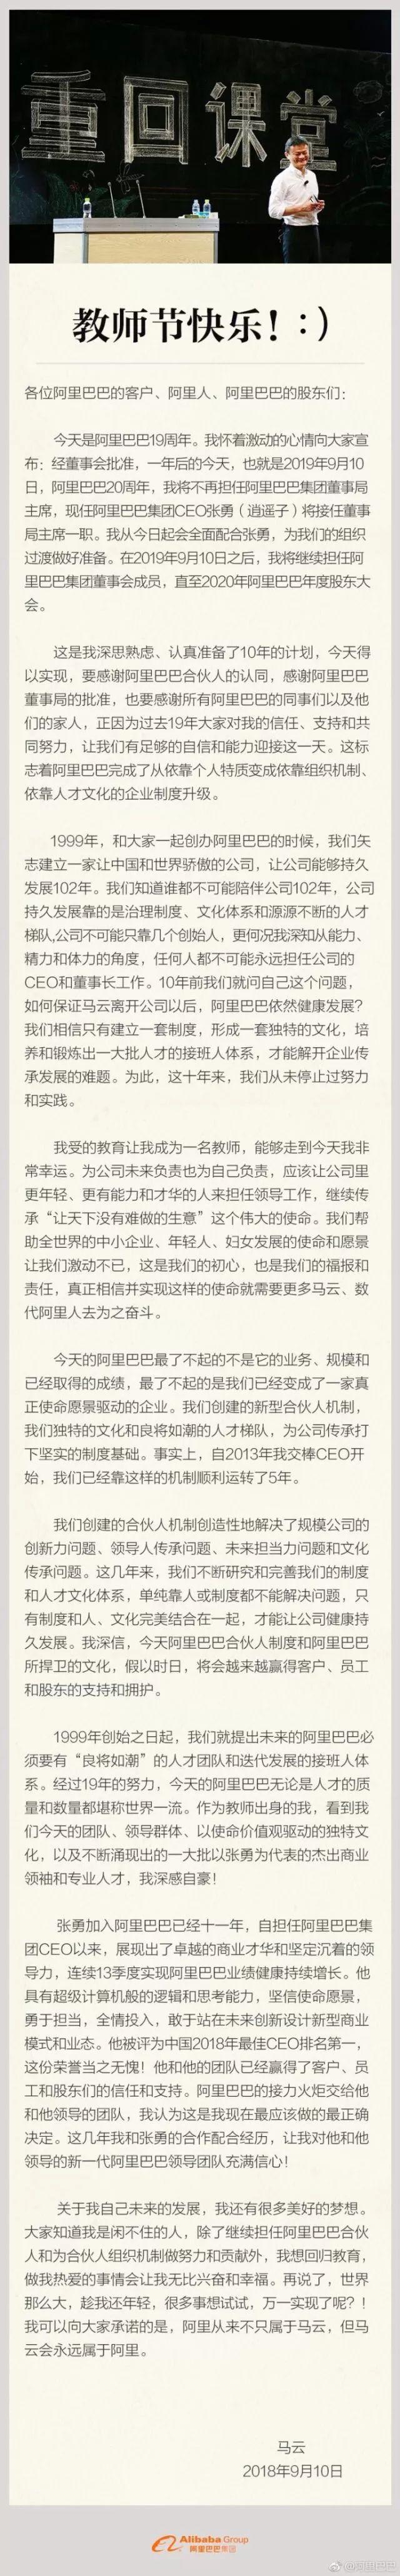 刚刚,马云宣布将不再担任阿里巴巴集团董事局主席